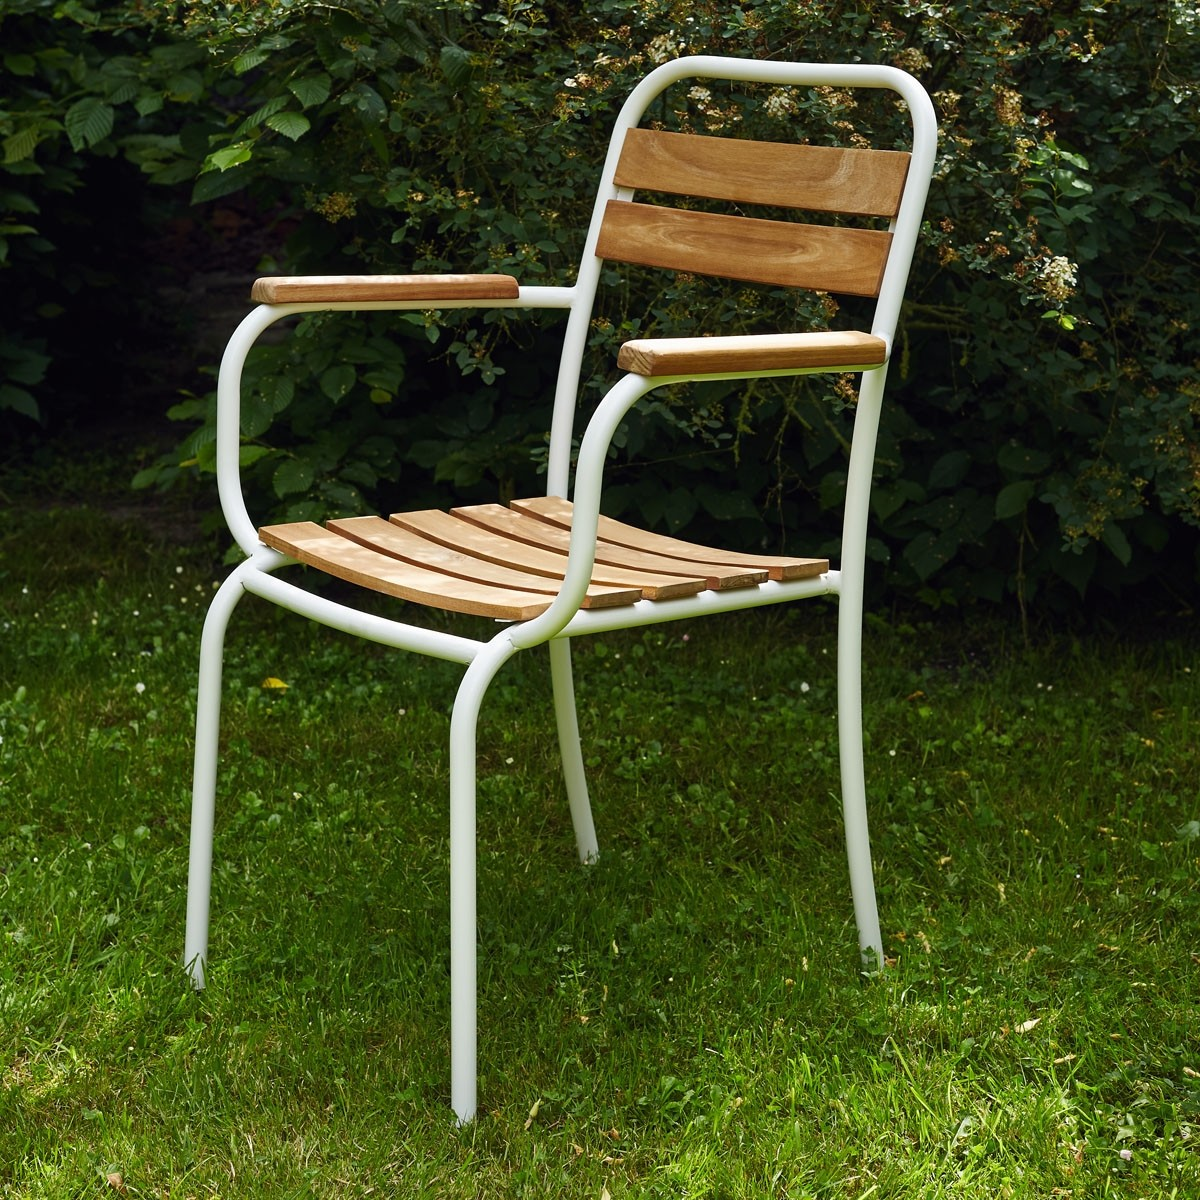 Salon de jardin en bois d 39 acacia fsc et m tal bois dessus bois dessous for Salon de jardin bois et aluminium